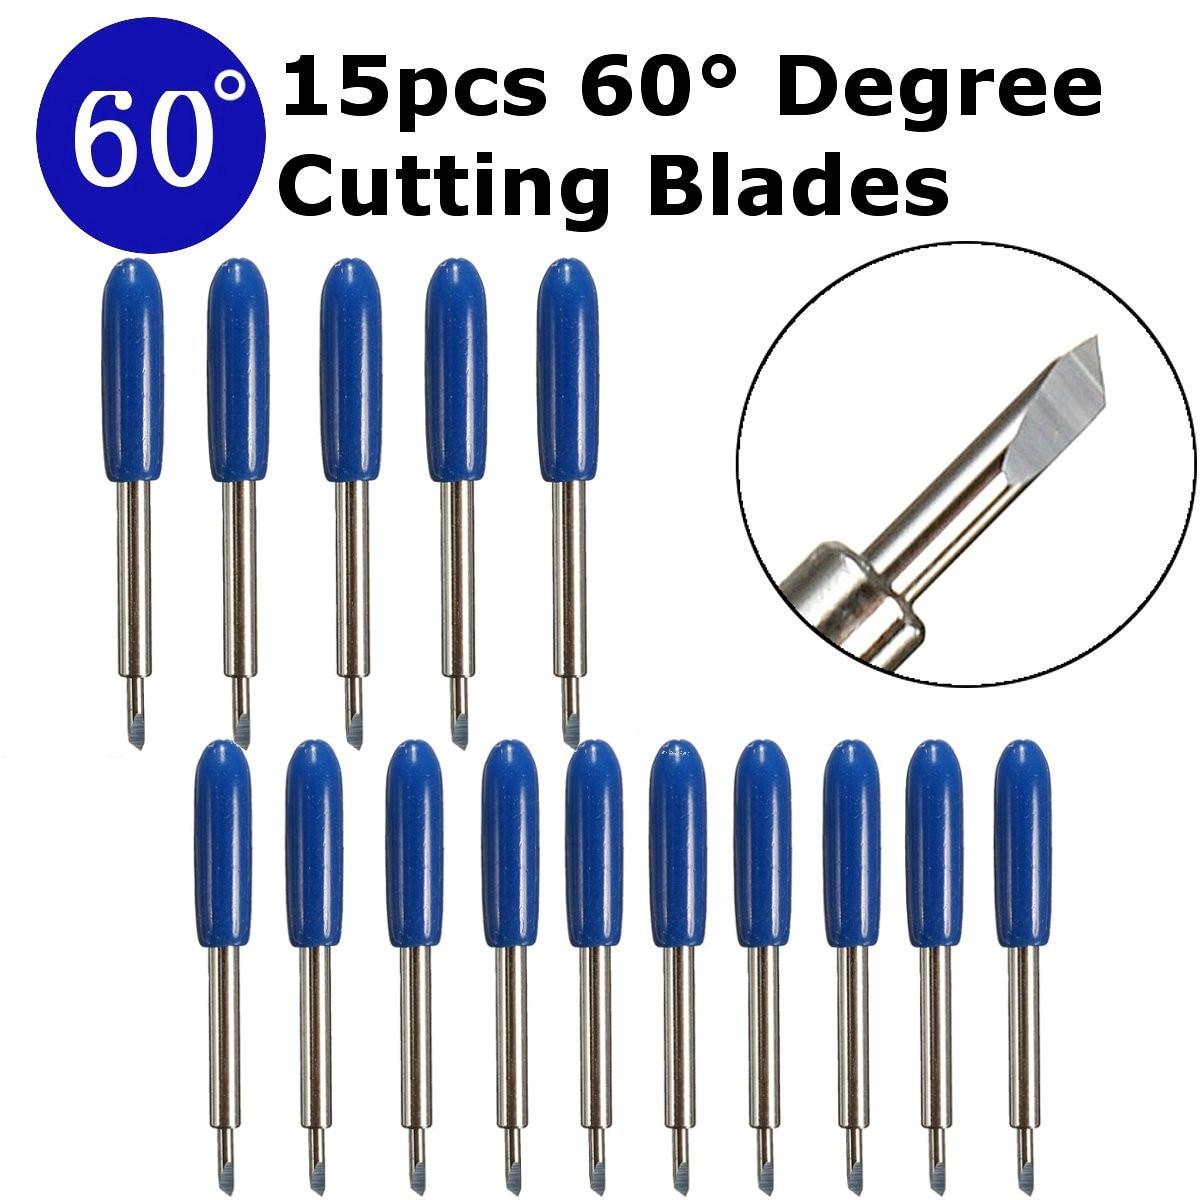 15Pcs/Lot 60 Degree Vinyl Cutter Blades Plotter Cutter Knife Cemented Carbide Blade For Vinyl Cricut Cutting